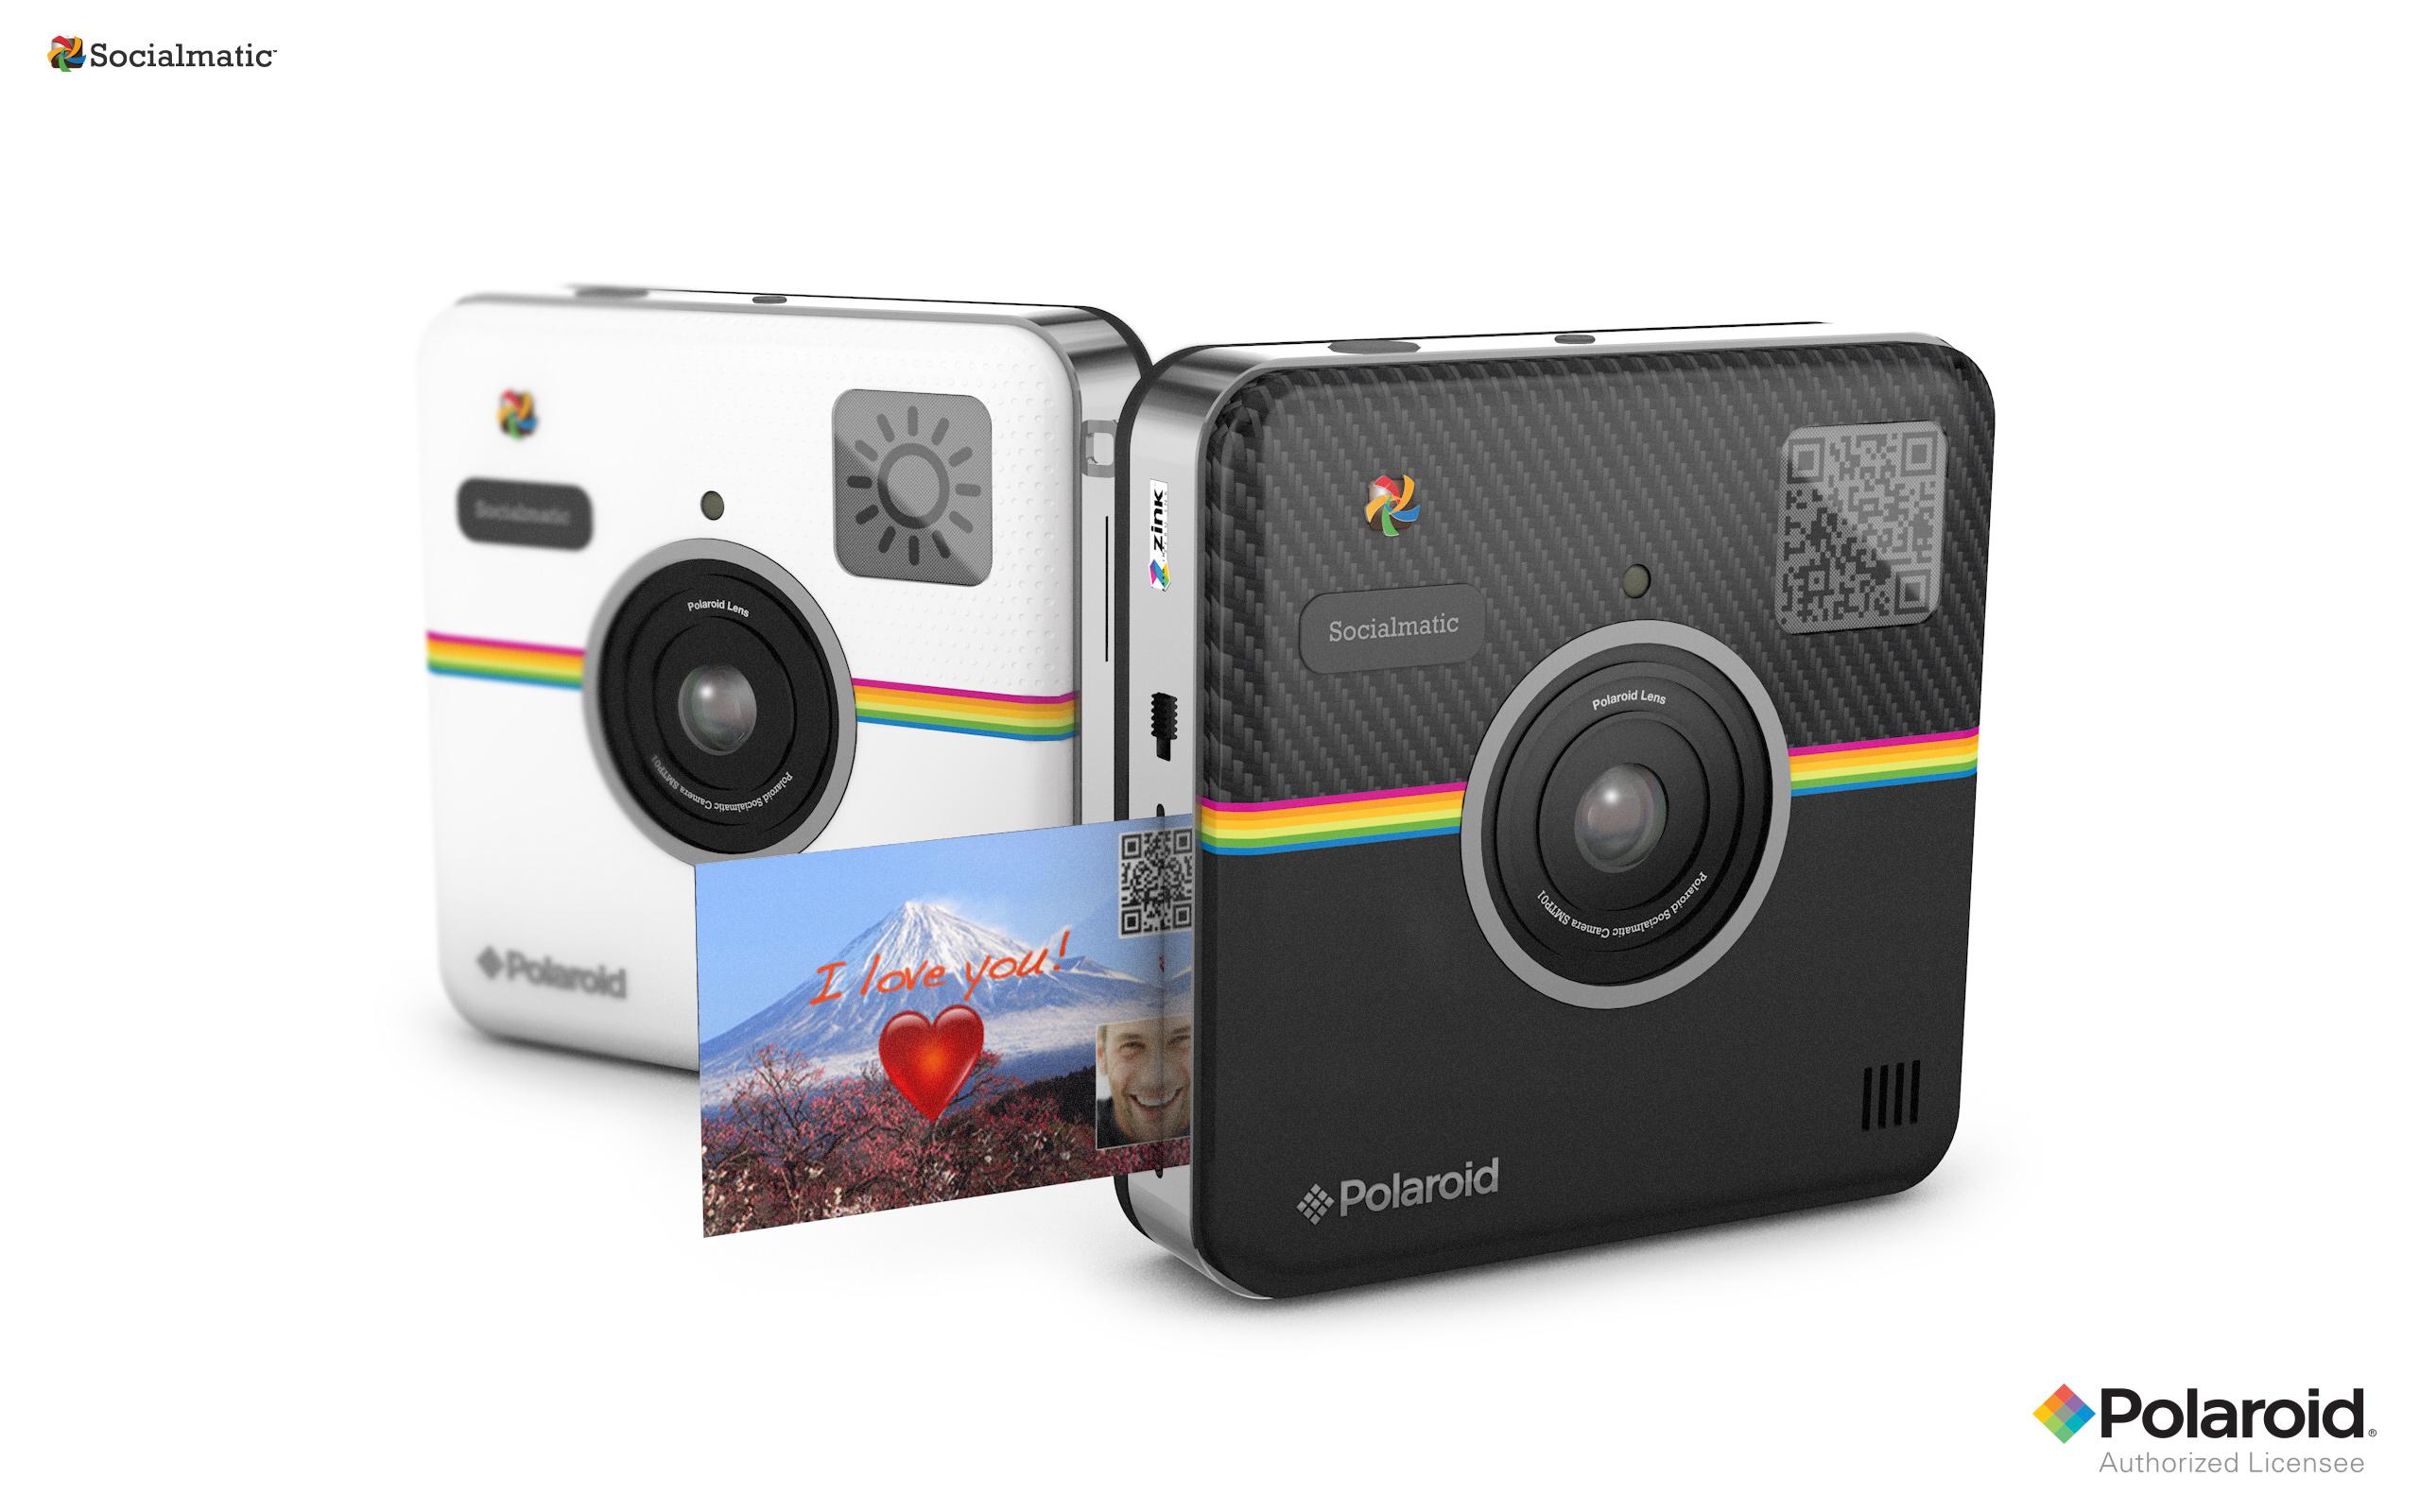 Polaroid Socialmatic Finally Makes its Way to Market